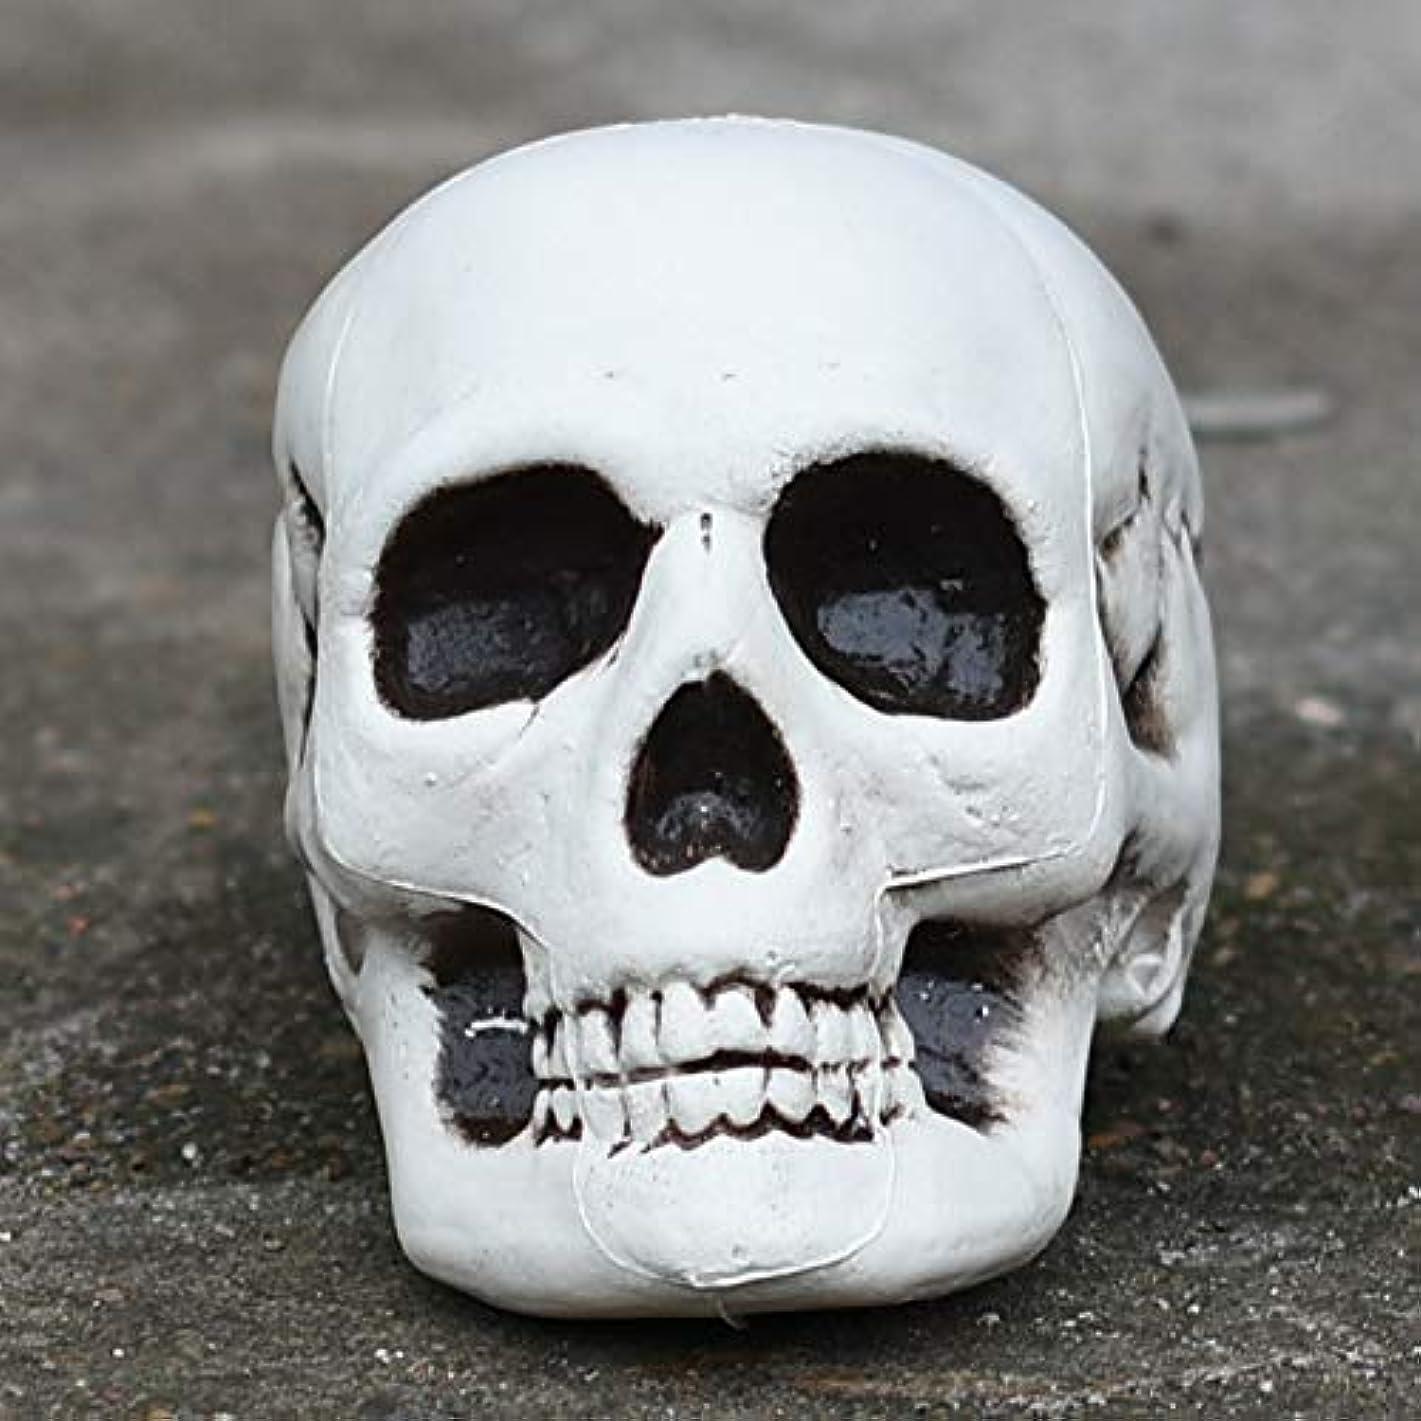 モッキンバード下委員会ETRRUU HOME デッドトゥースハロウィン小道具バーお化け屋敷秘密の部屋スカル装飾品シミュレーション骨モデル